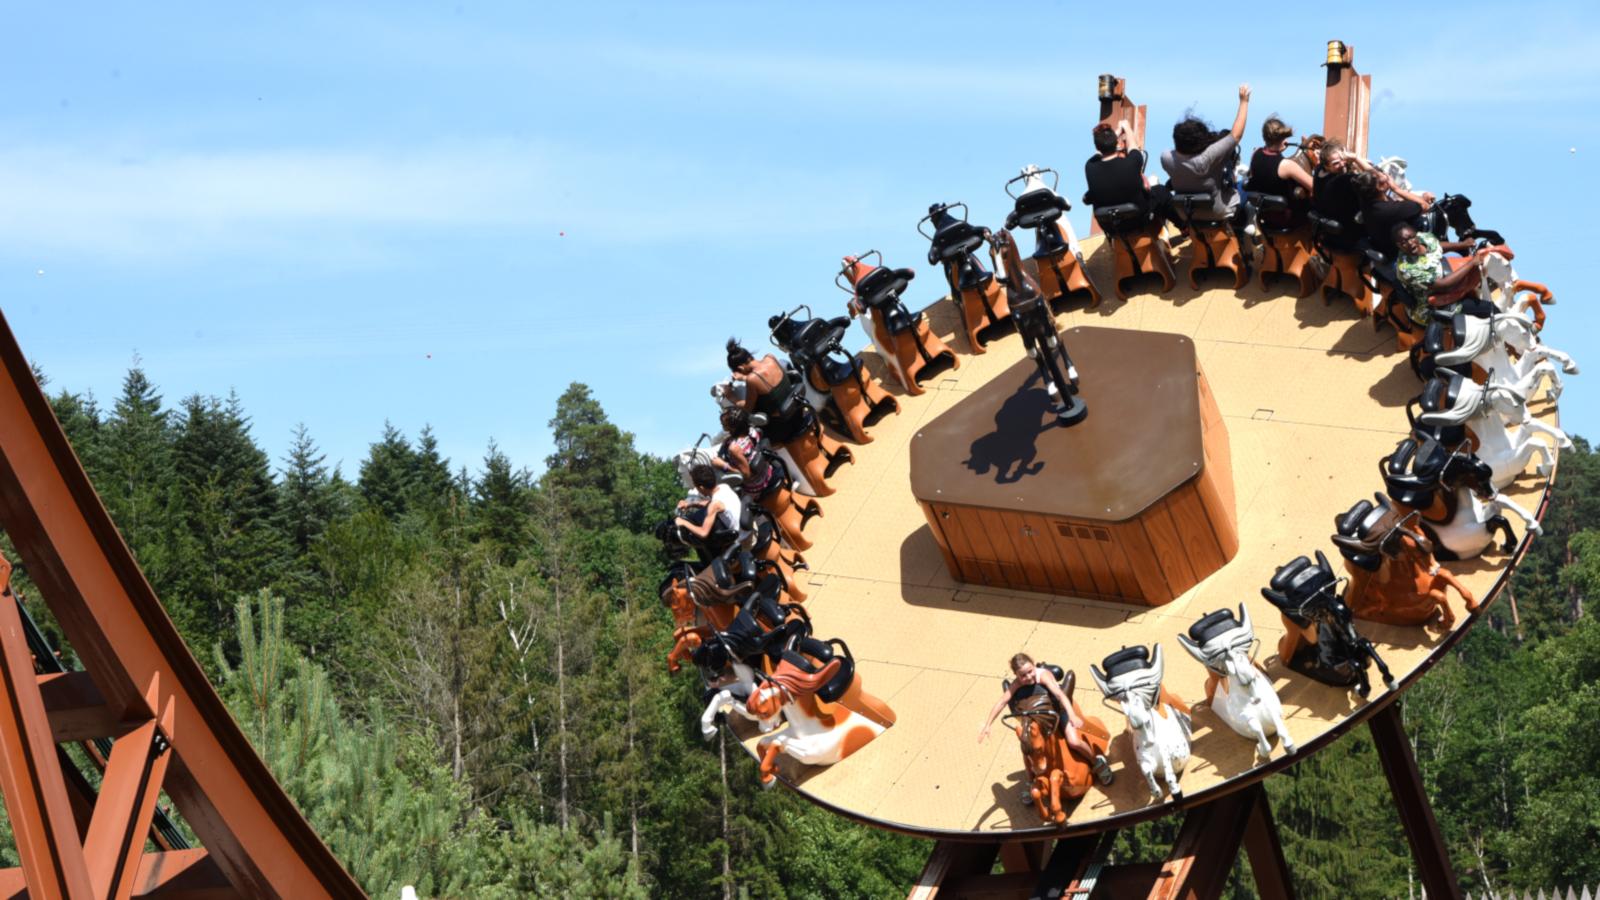 Tous les 500 passagers du Timber Drop, un arbre est planté.